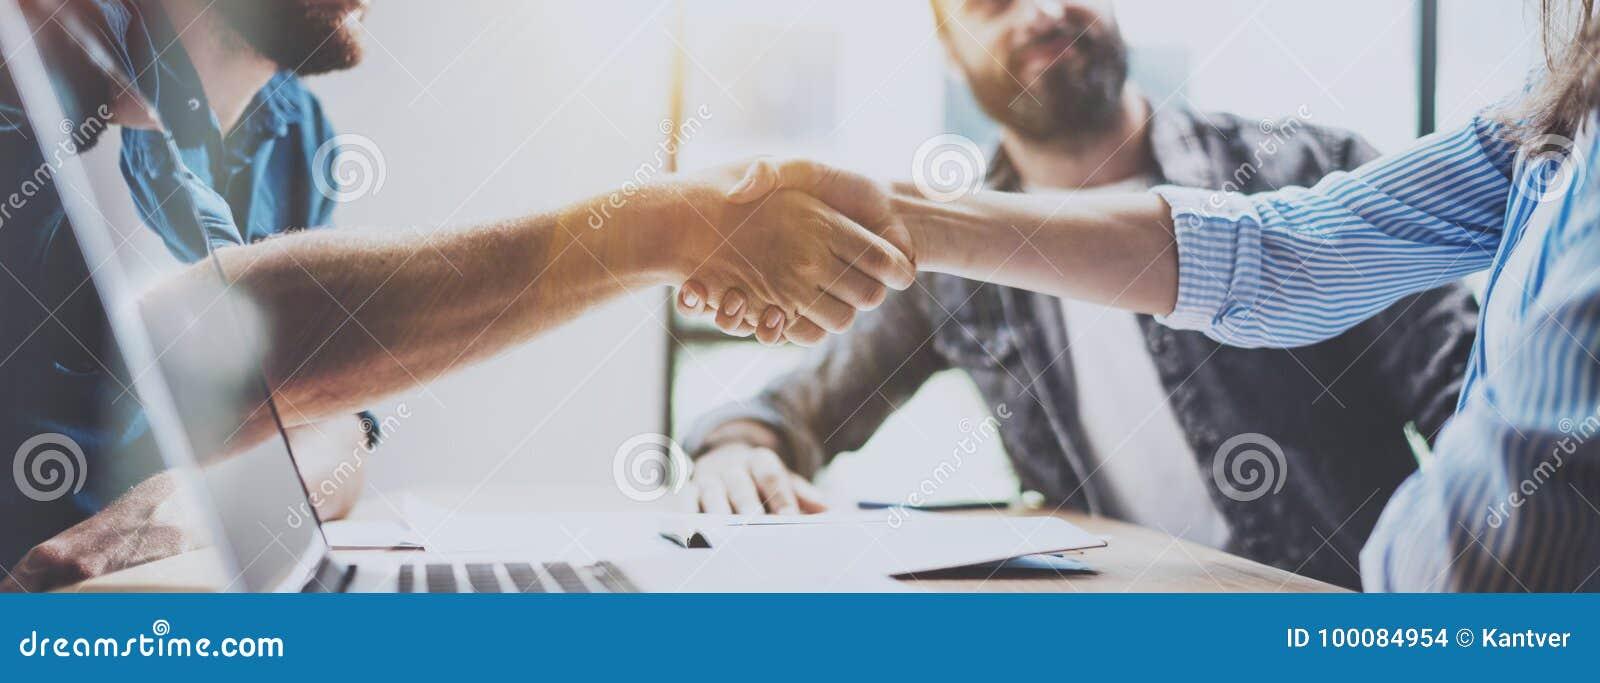 Concepto del apretón de manos de la sociedad del negocio Proceso del apretón de manos de los compañeros de trabajo de la foto dos